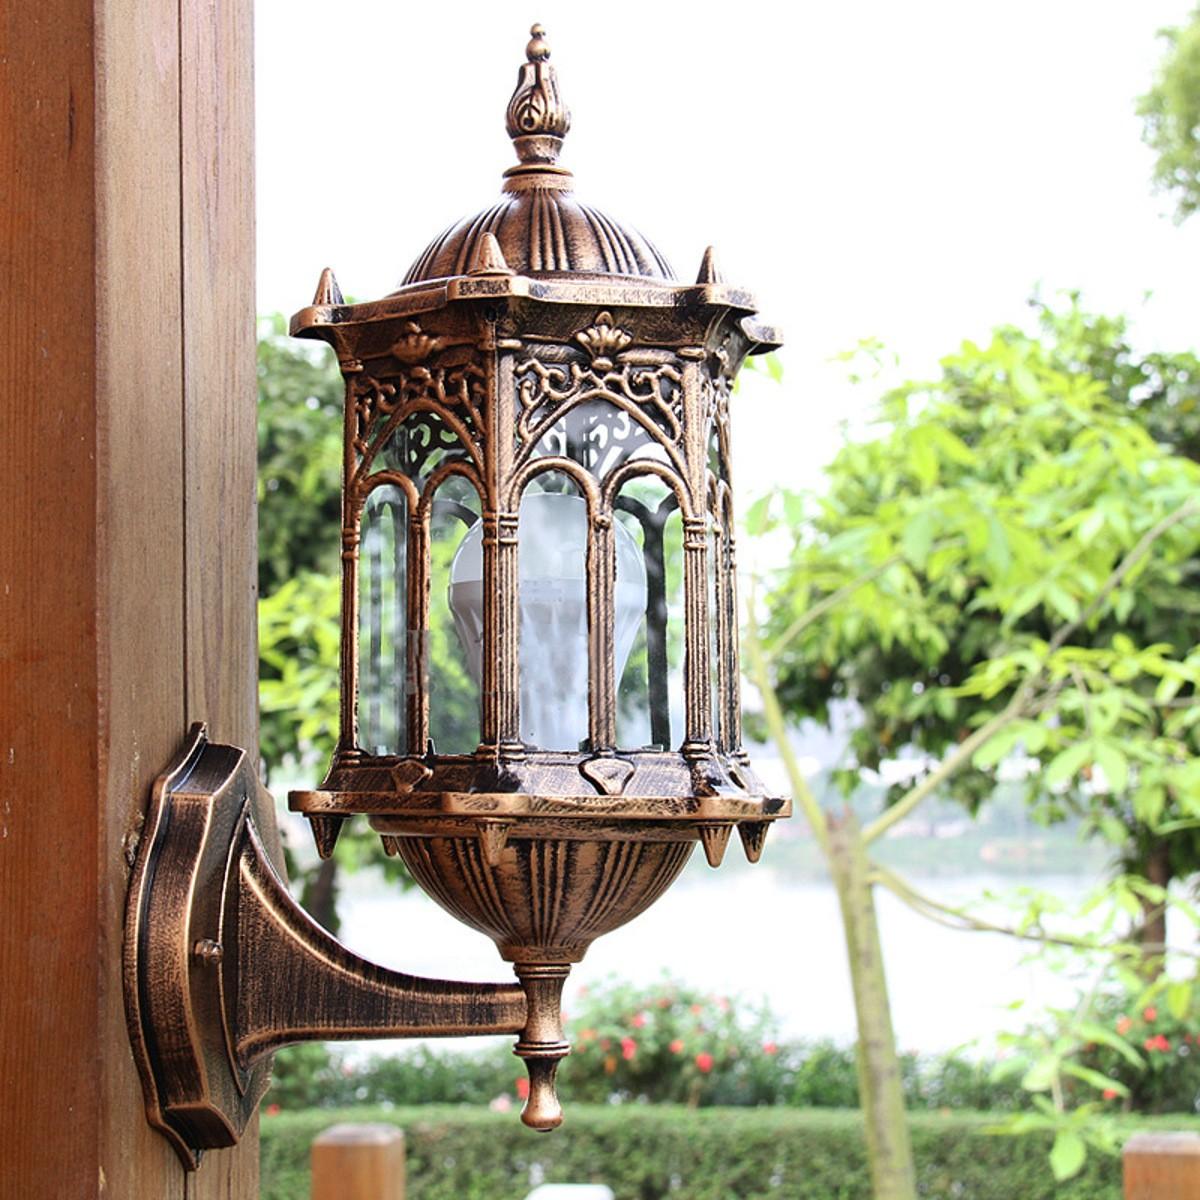 Outdoor bronze antique exterior wall light fixture aluminum glass lantern garden lamp for Bronze exterior light fixtures